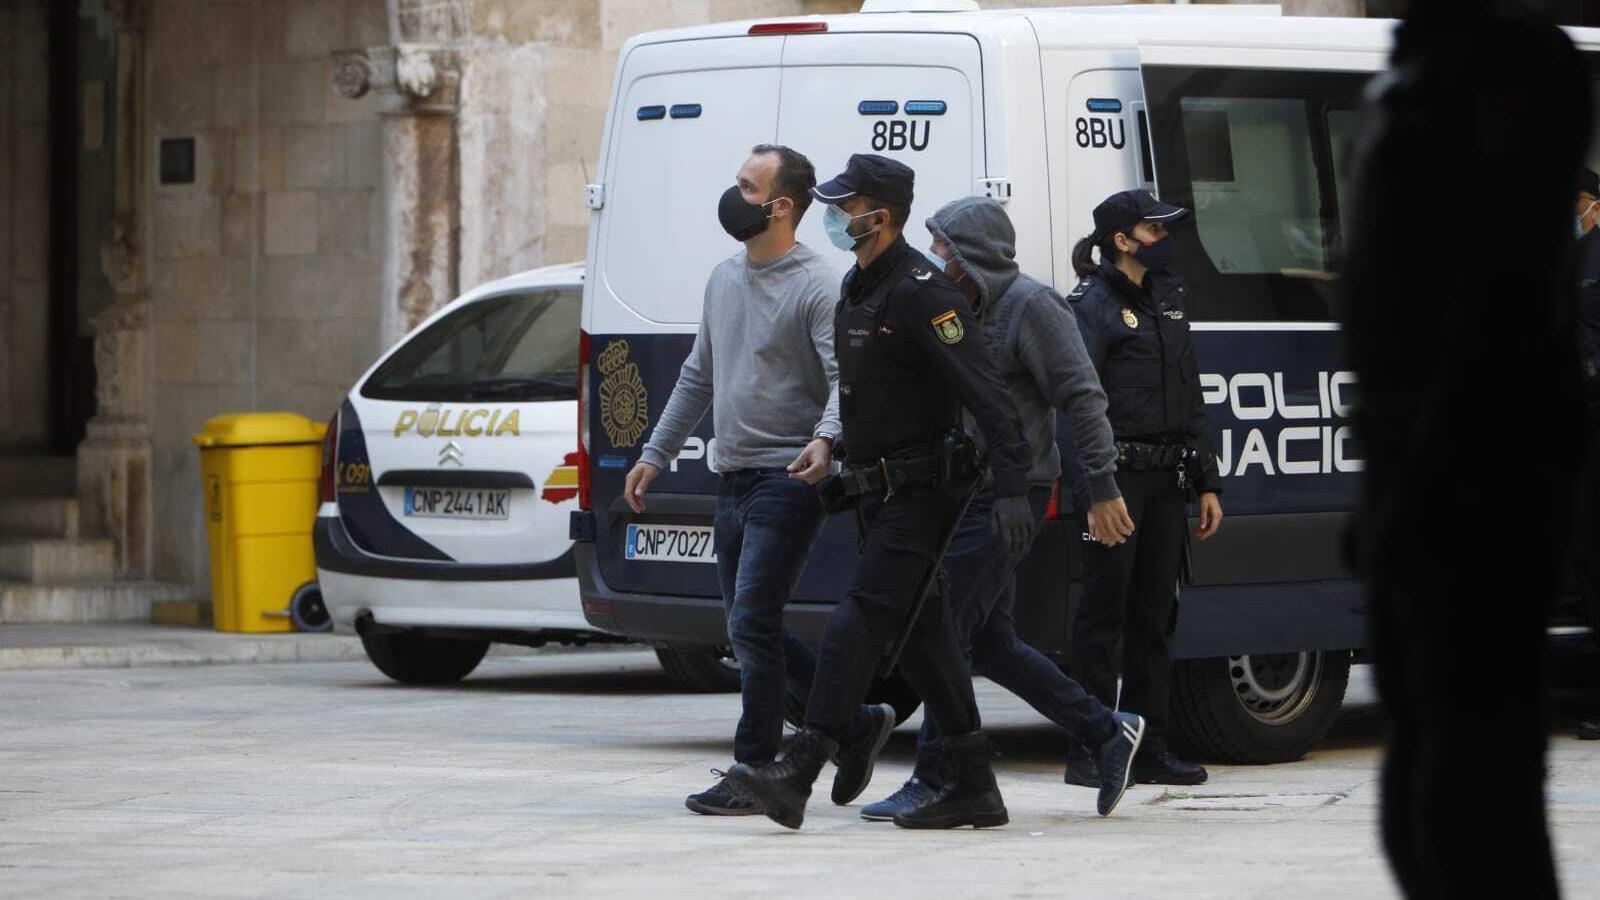 Acusats i policies al pati de l'Audiència de Palma